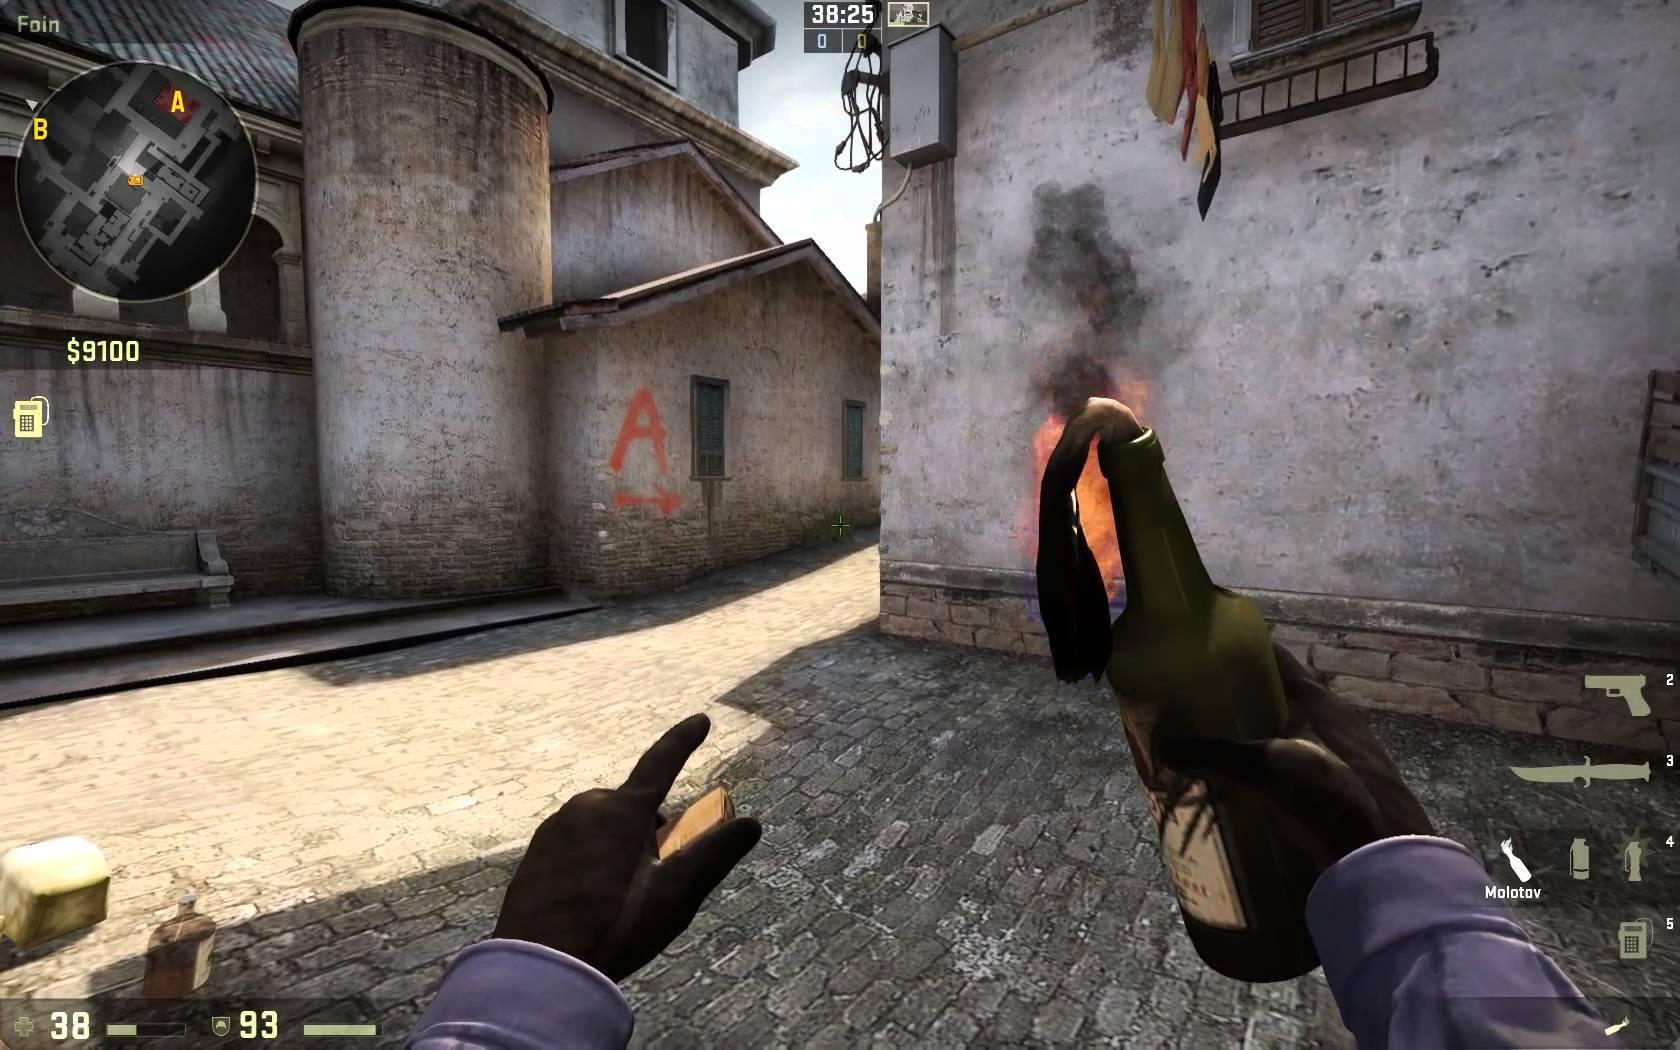 csgo weapon guide grenades molotov